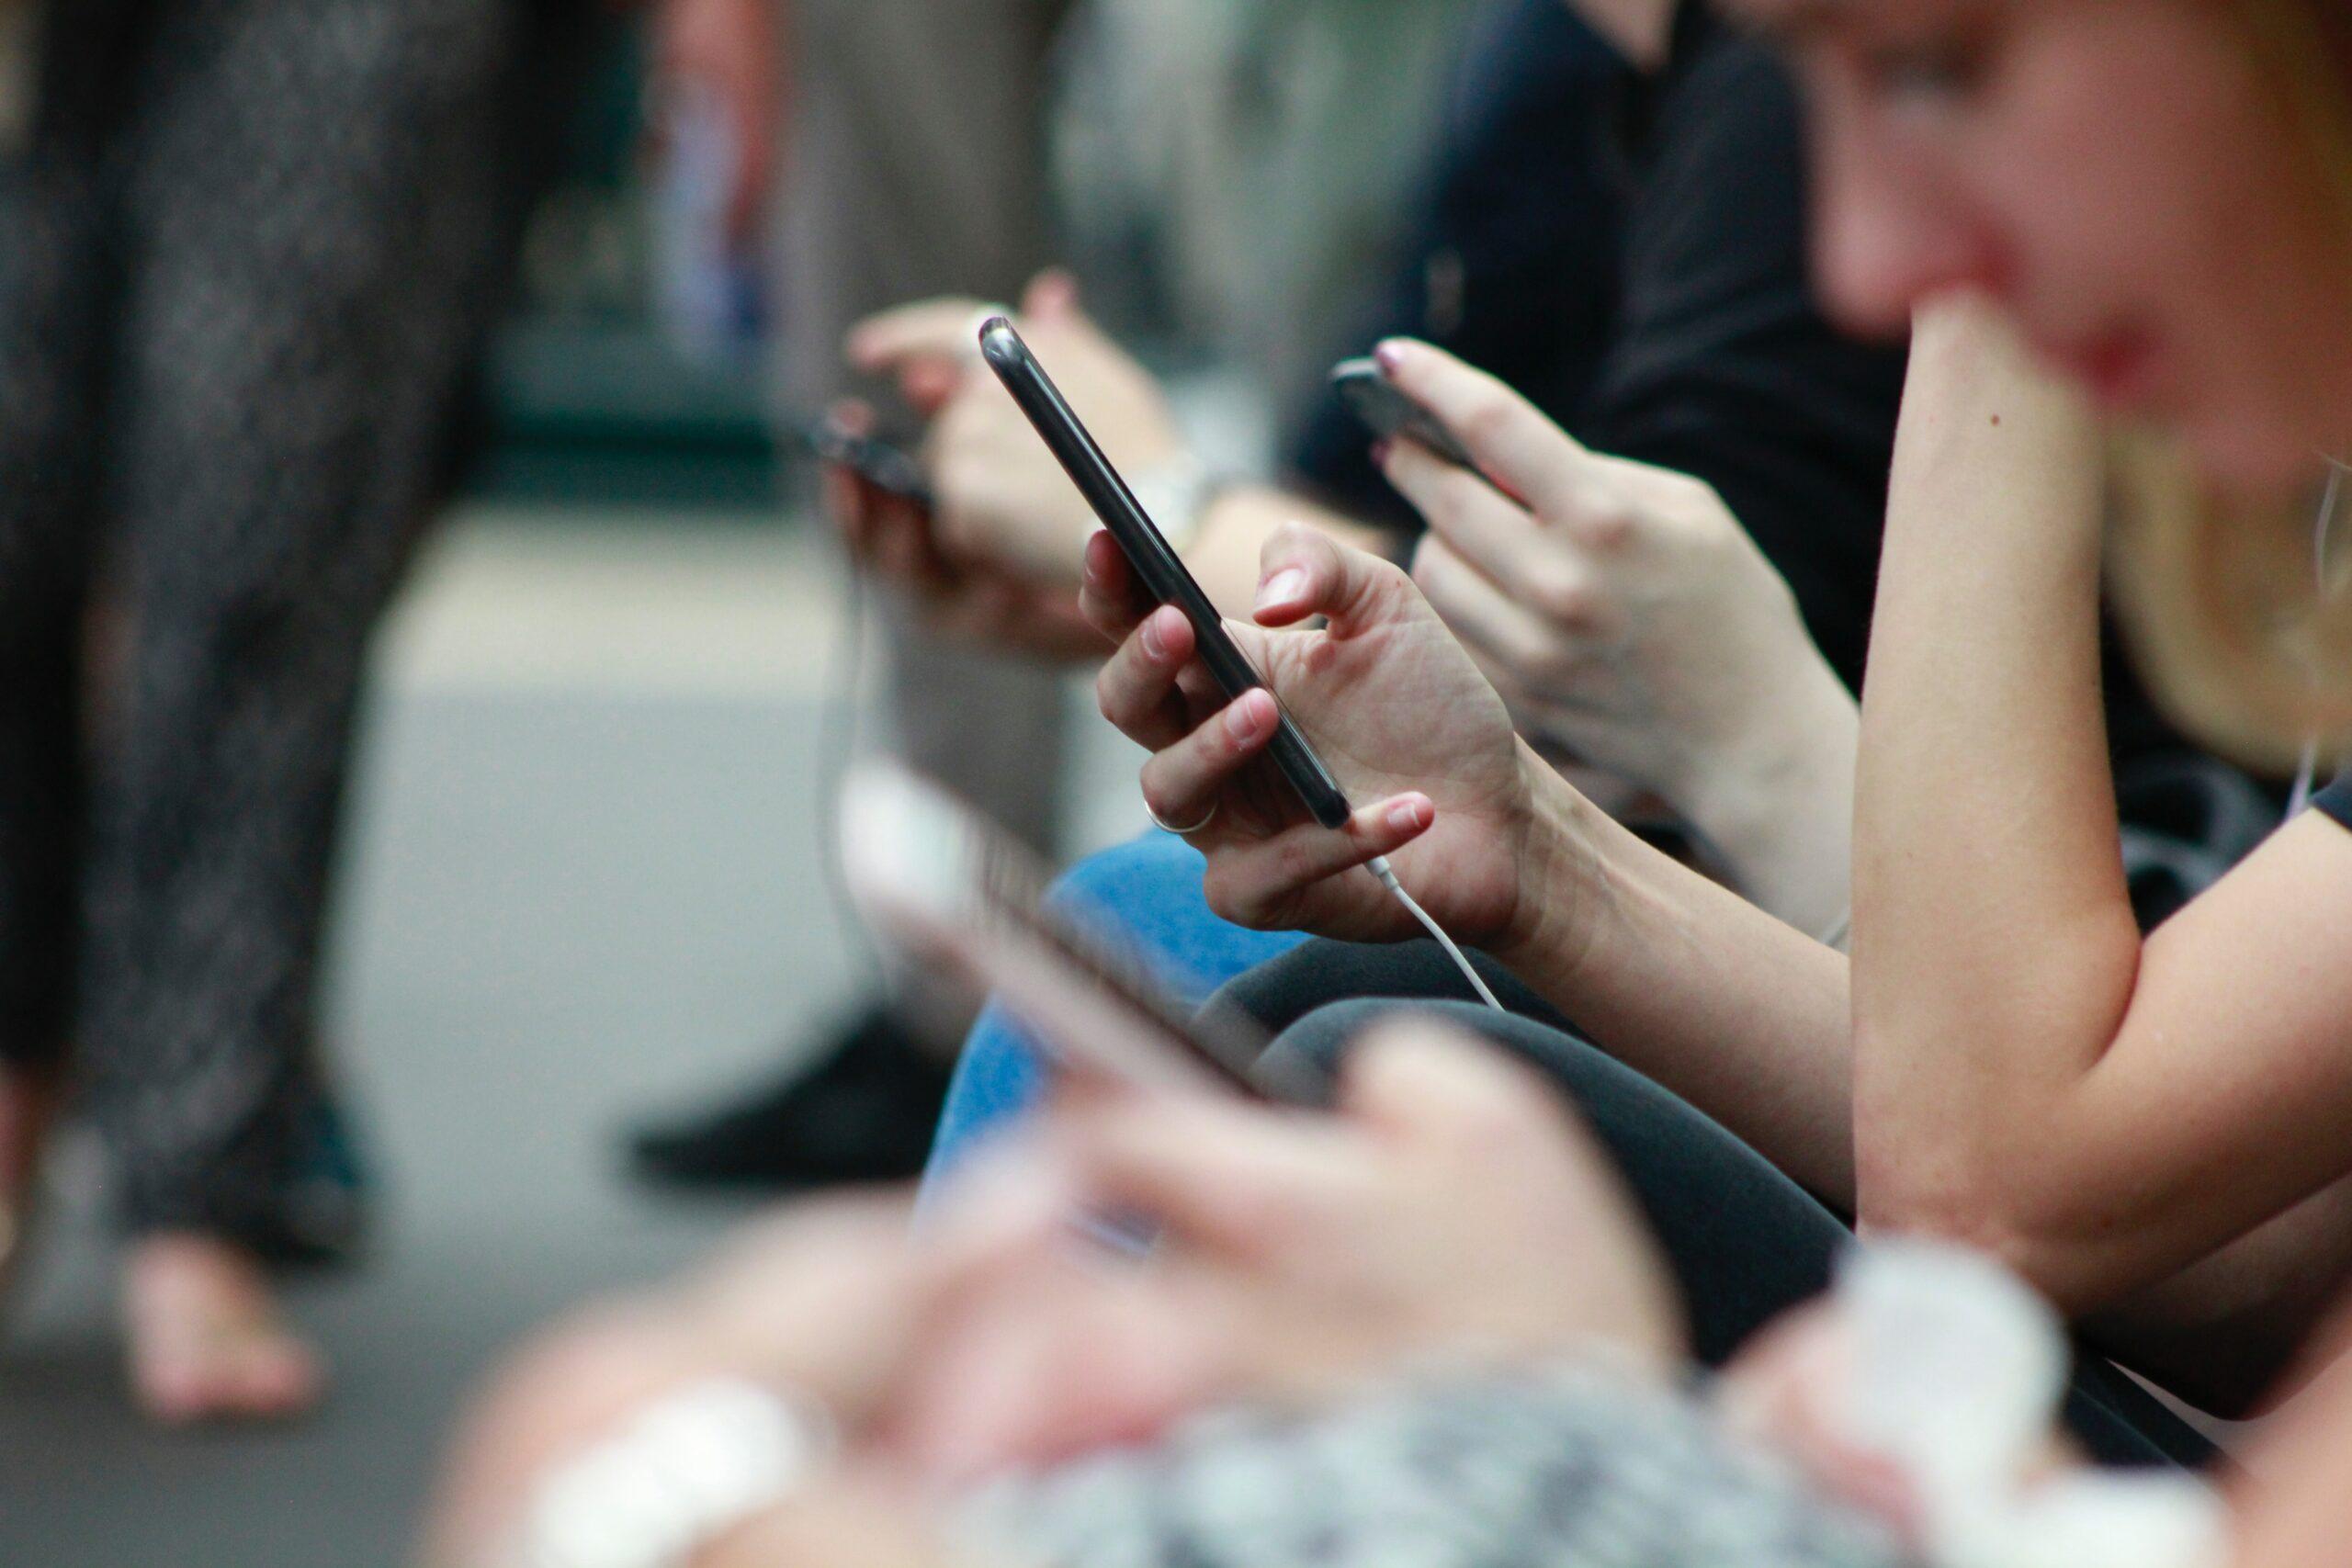 People n their phones reading social media